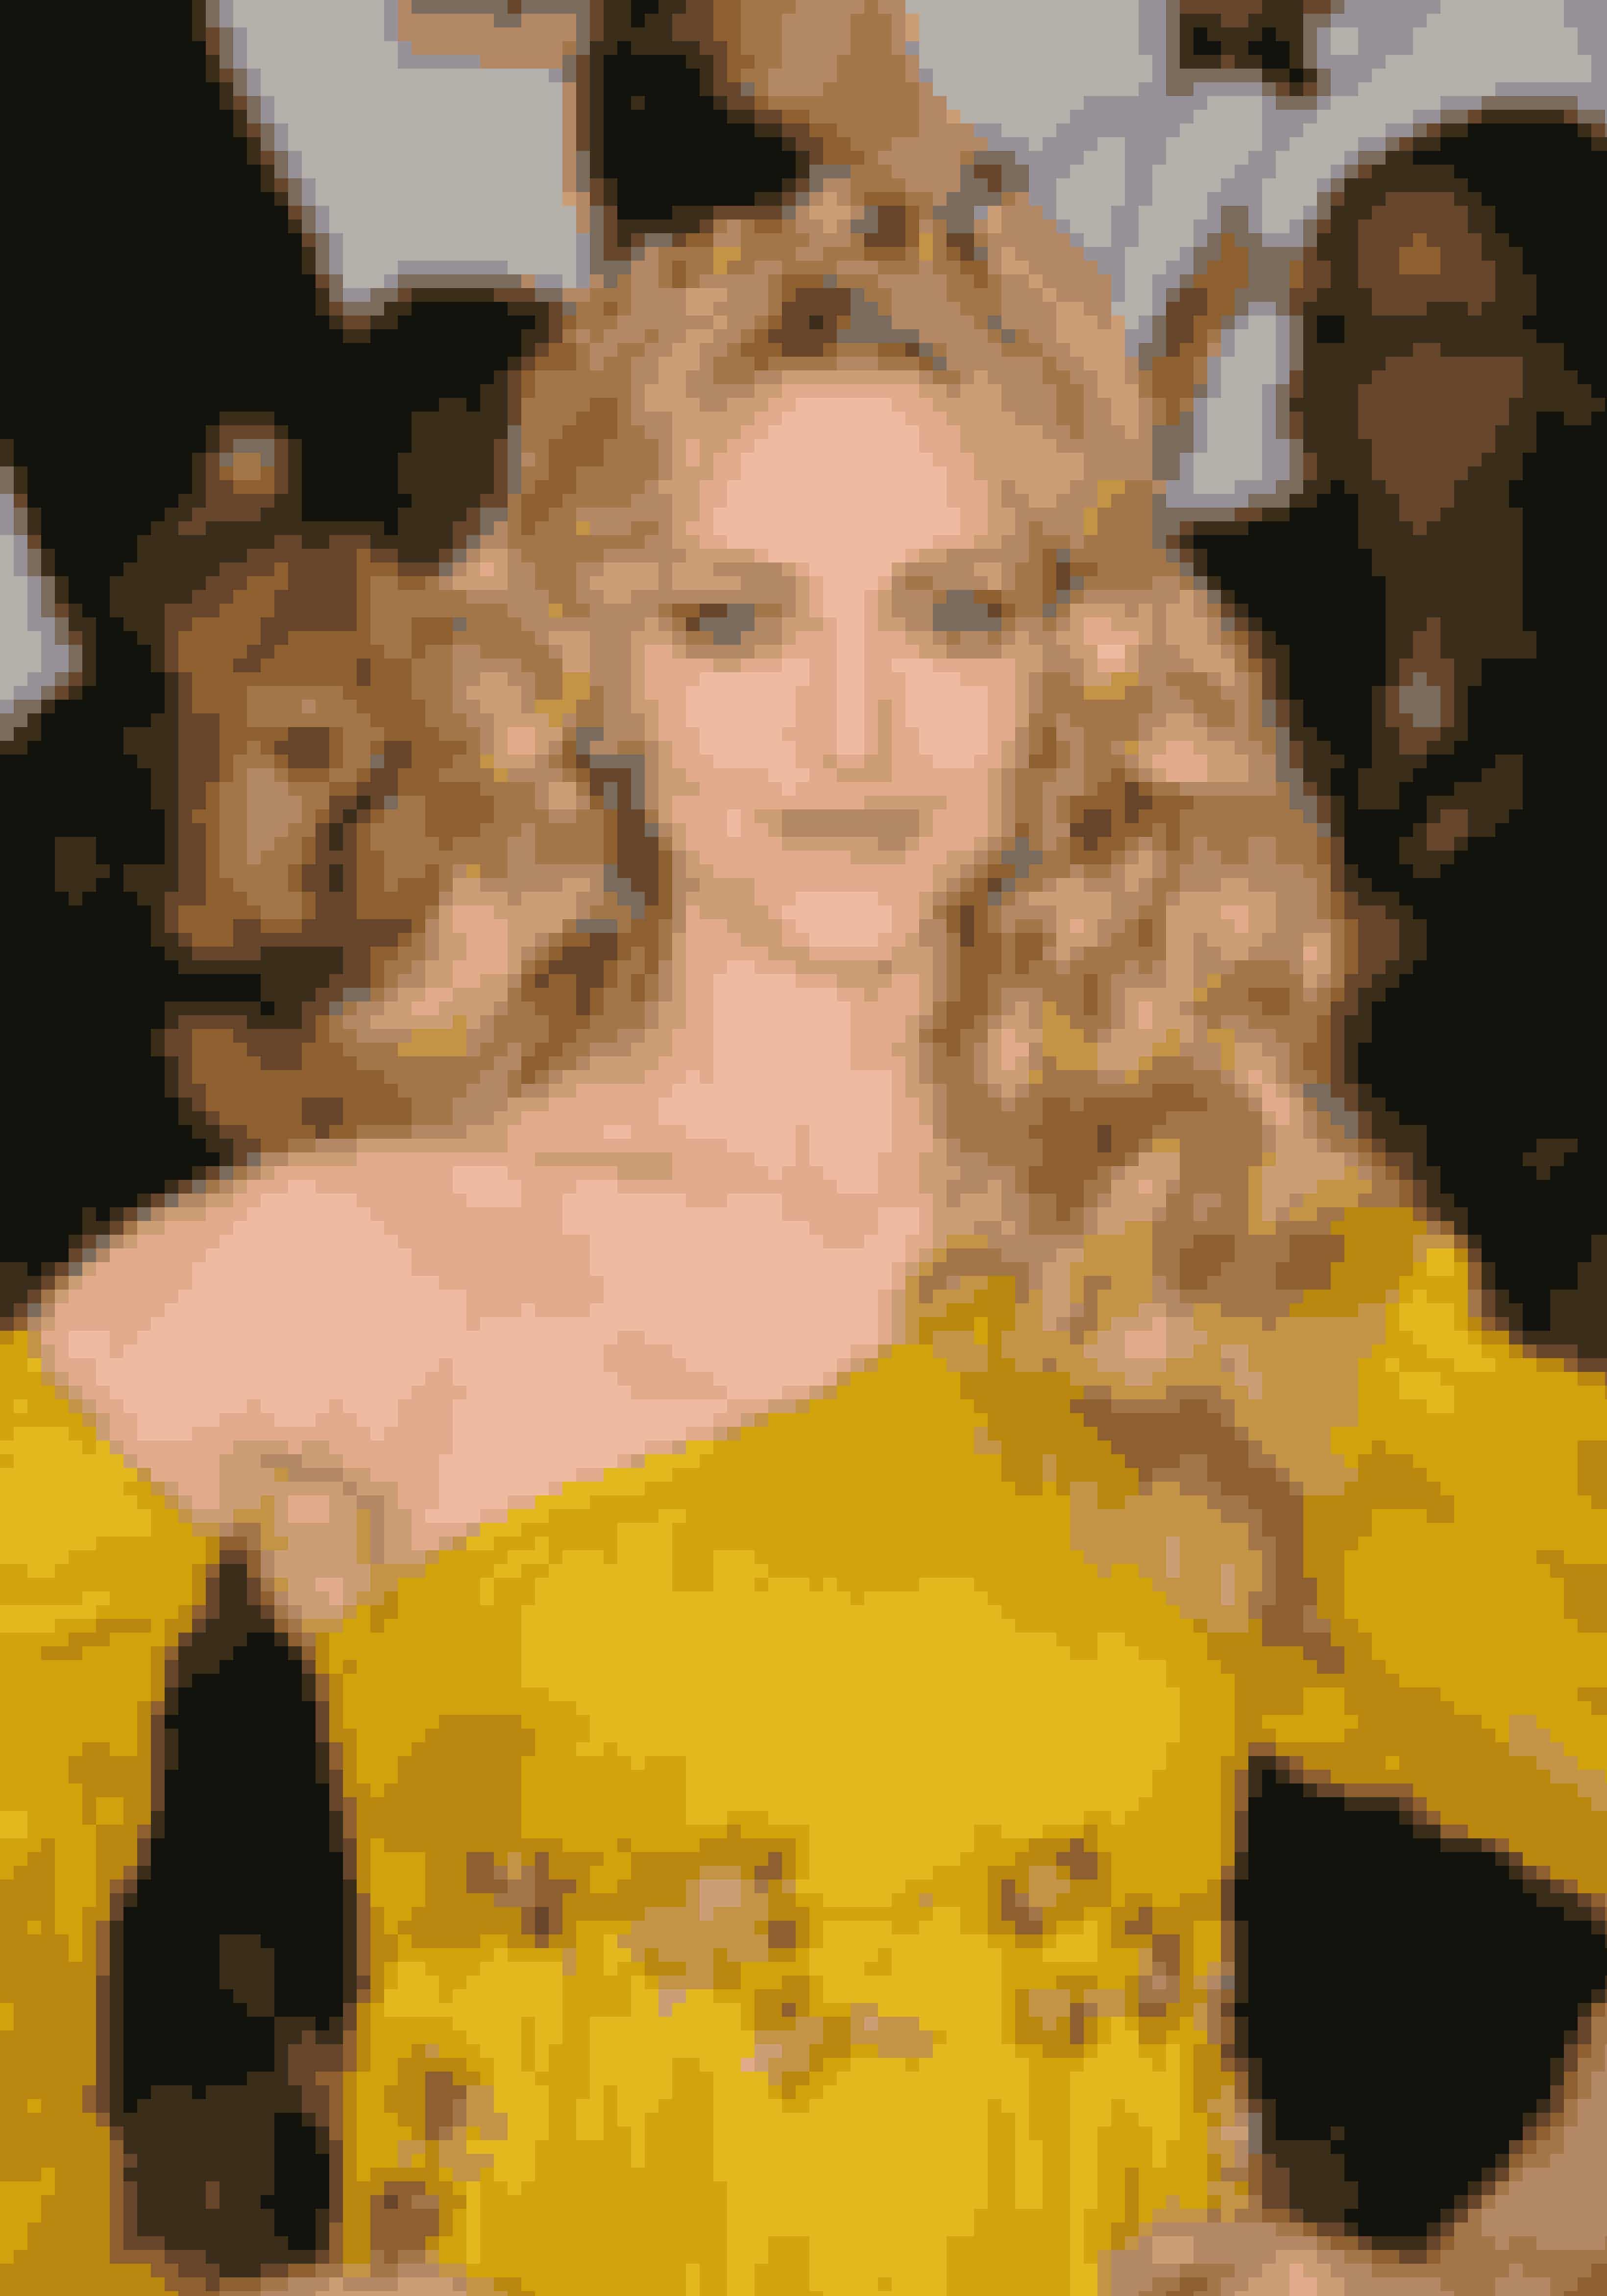 Amanda Seyfried så helt guddommelig ud i de gule-og guld farvede toner.